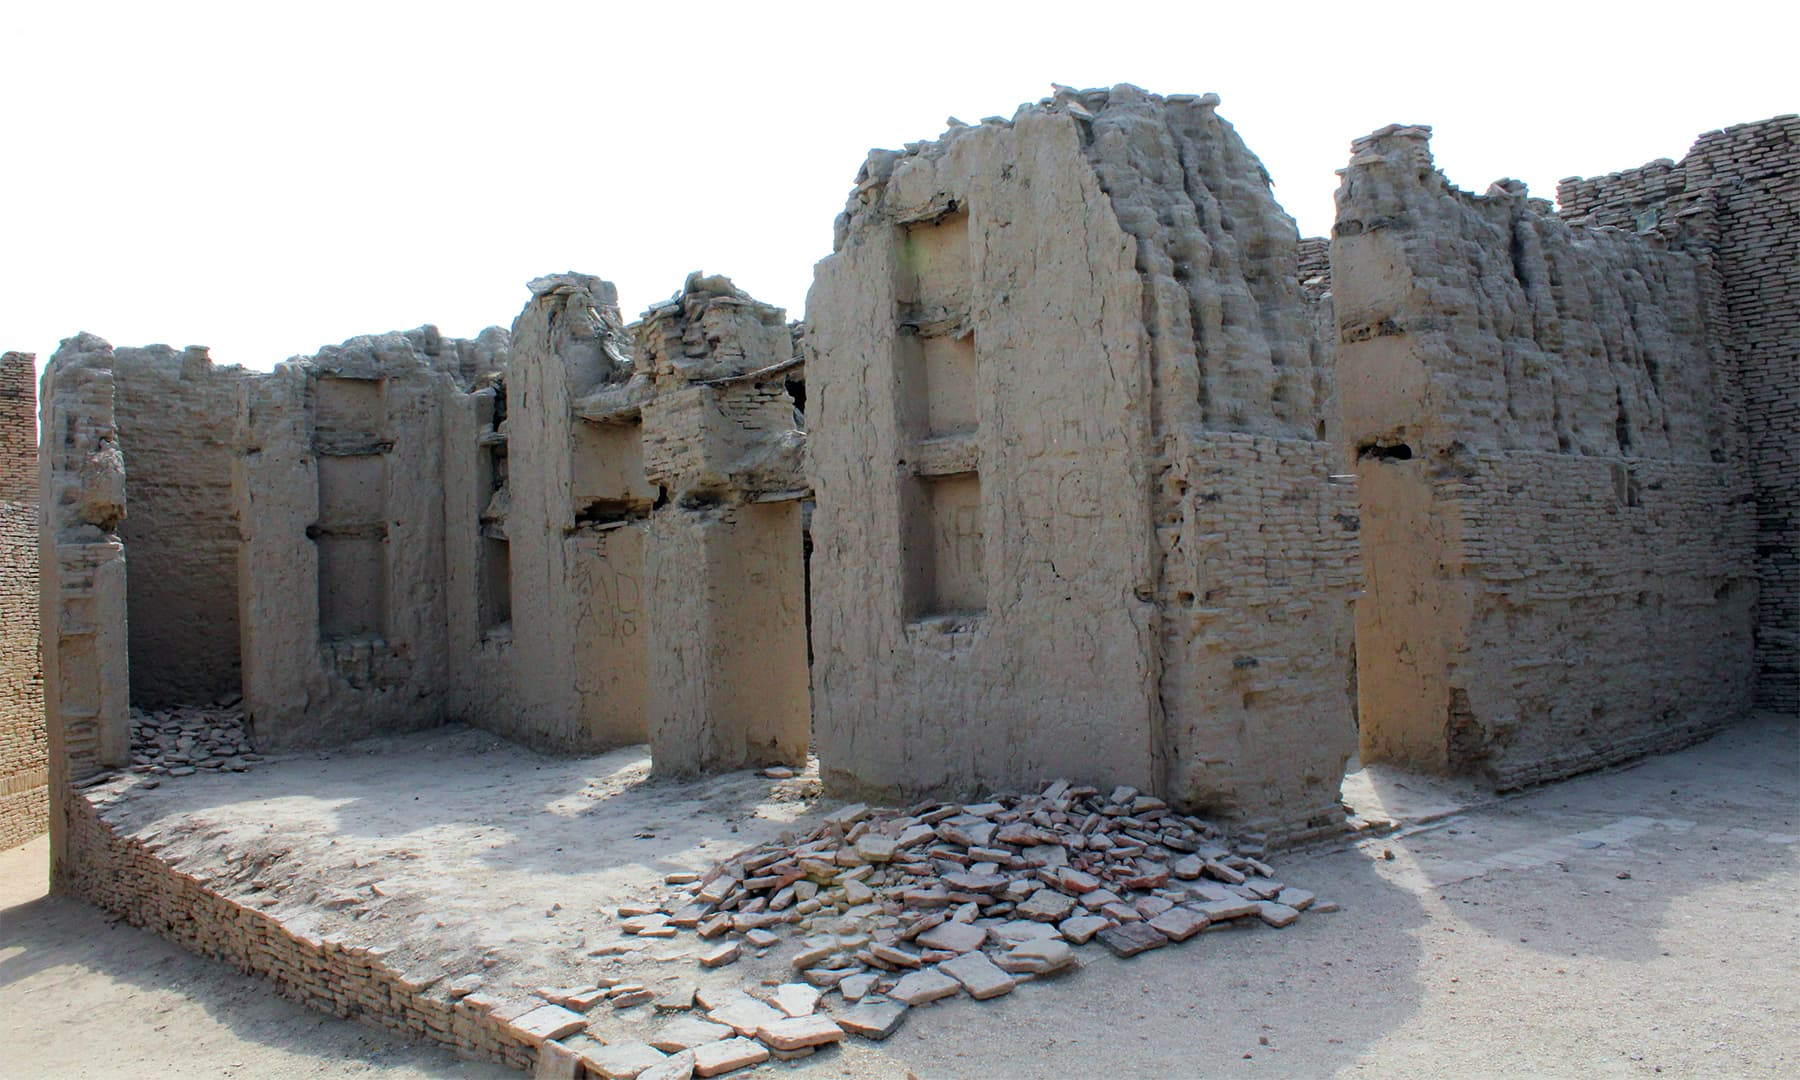 شاہی باورچی خانہ، قلعہ کوٹ ڈجی — تصویر اختر حفیظ